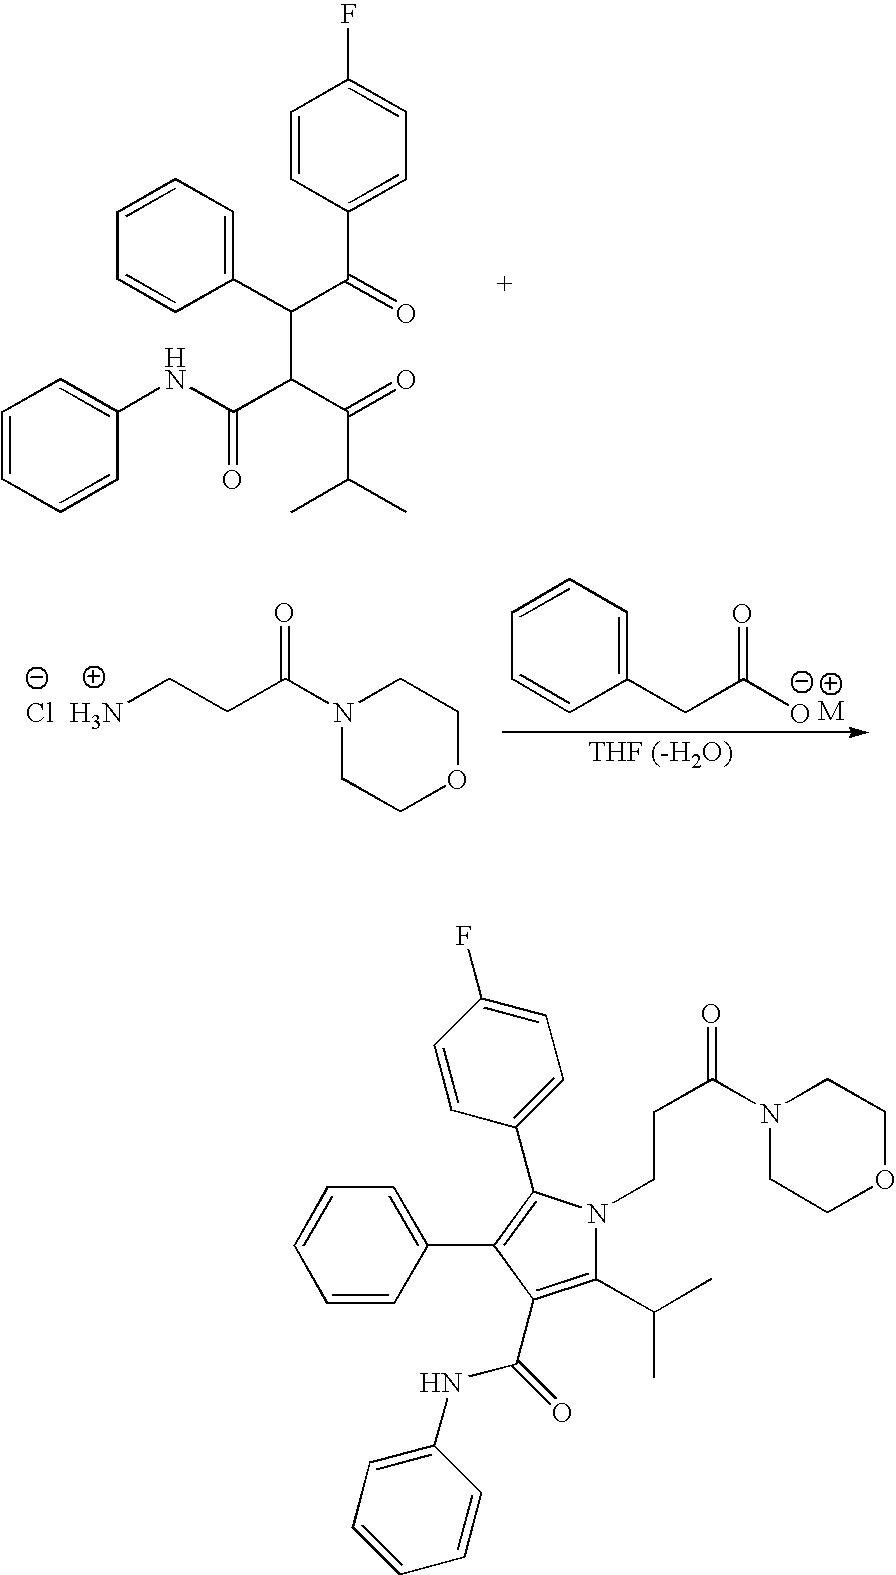 Figure US20070032662A1-20070208-C00055